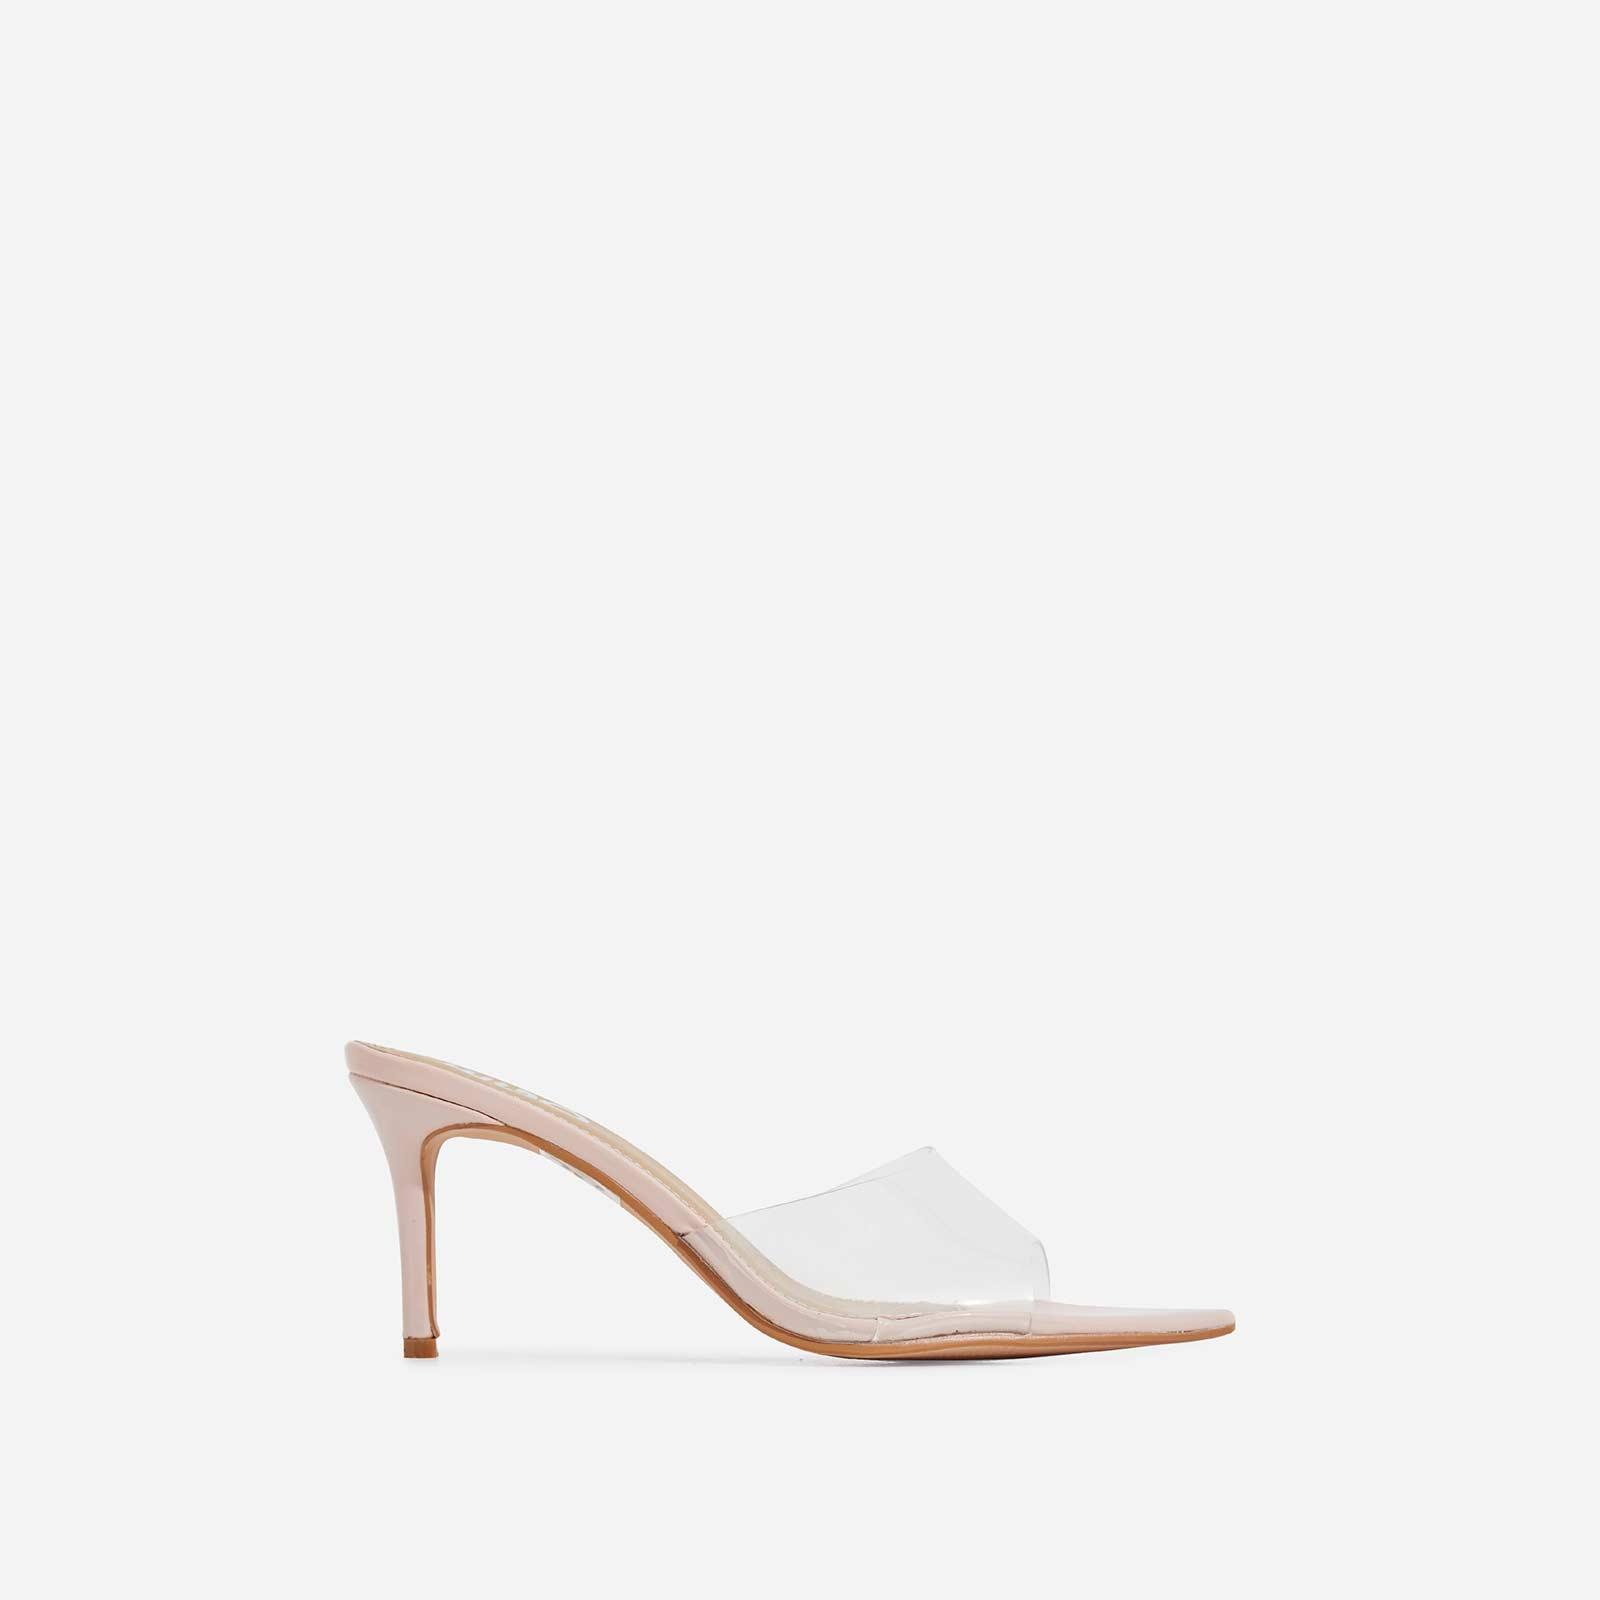 Maelle Pointed Peep Toe Perspex Heel Mule In Nude Patent